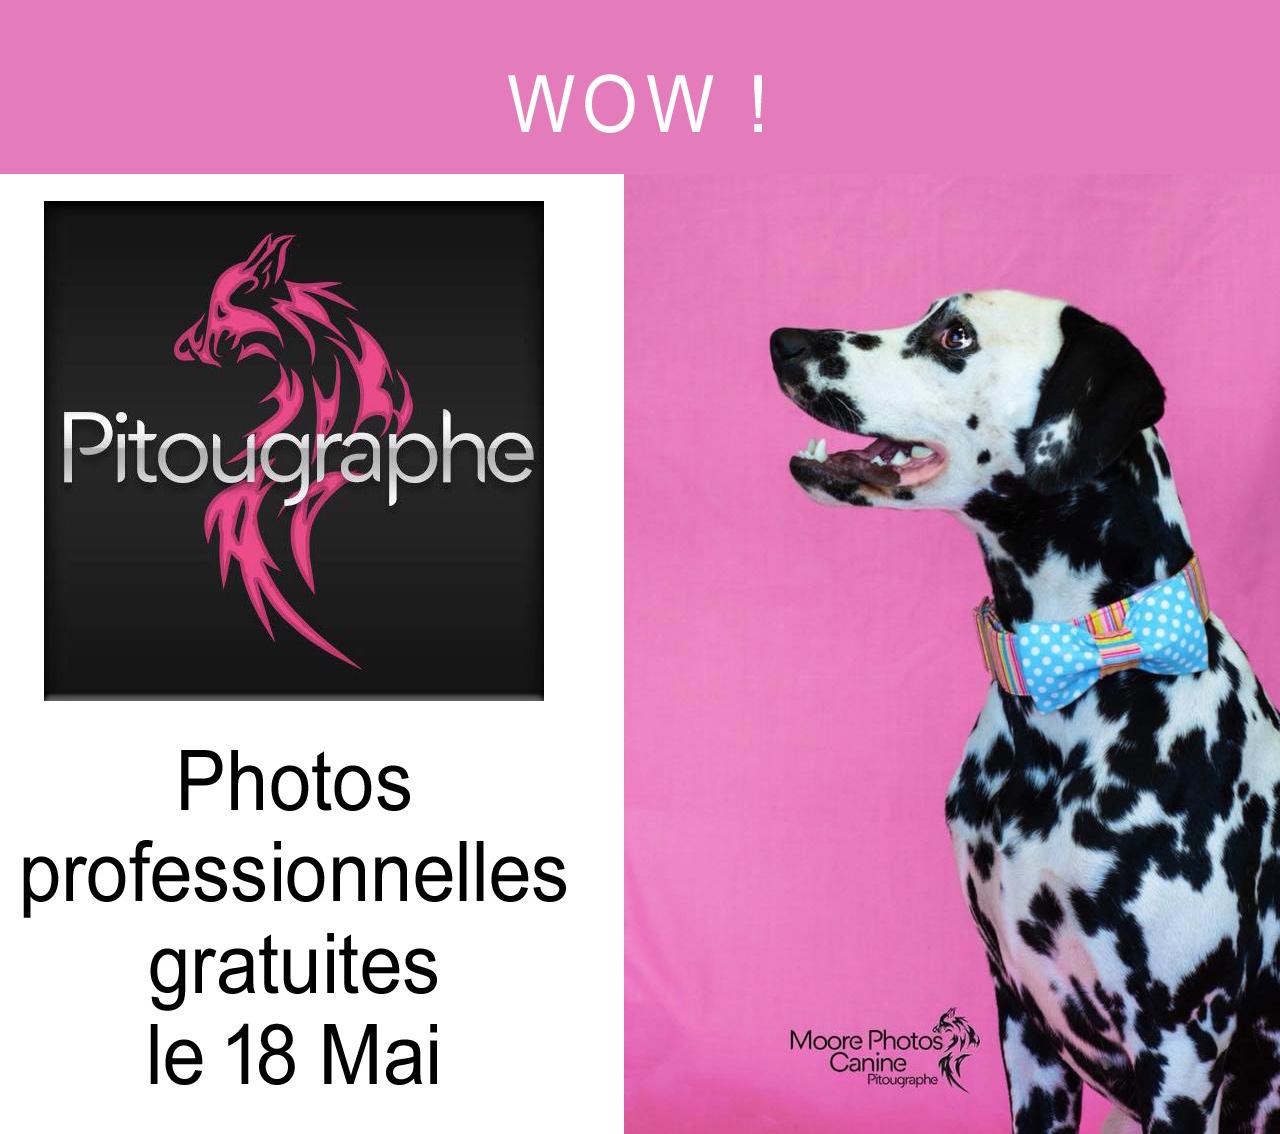 Photos animaux gratuite avec la pitougraphe